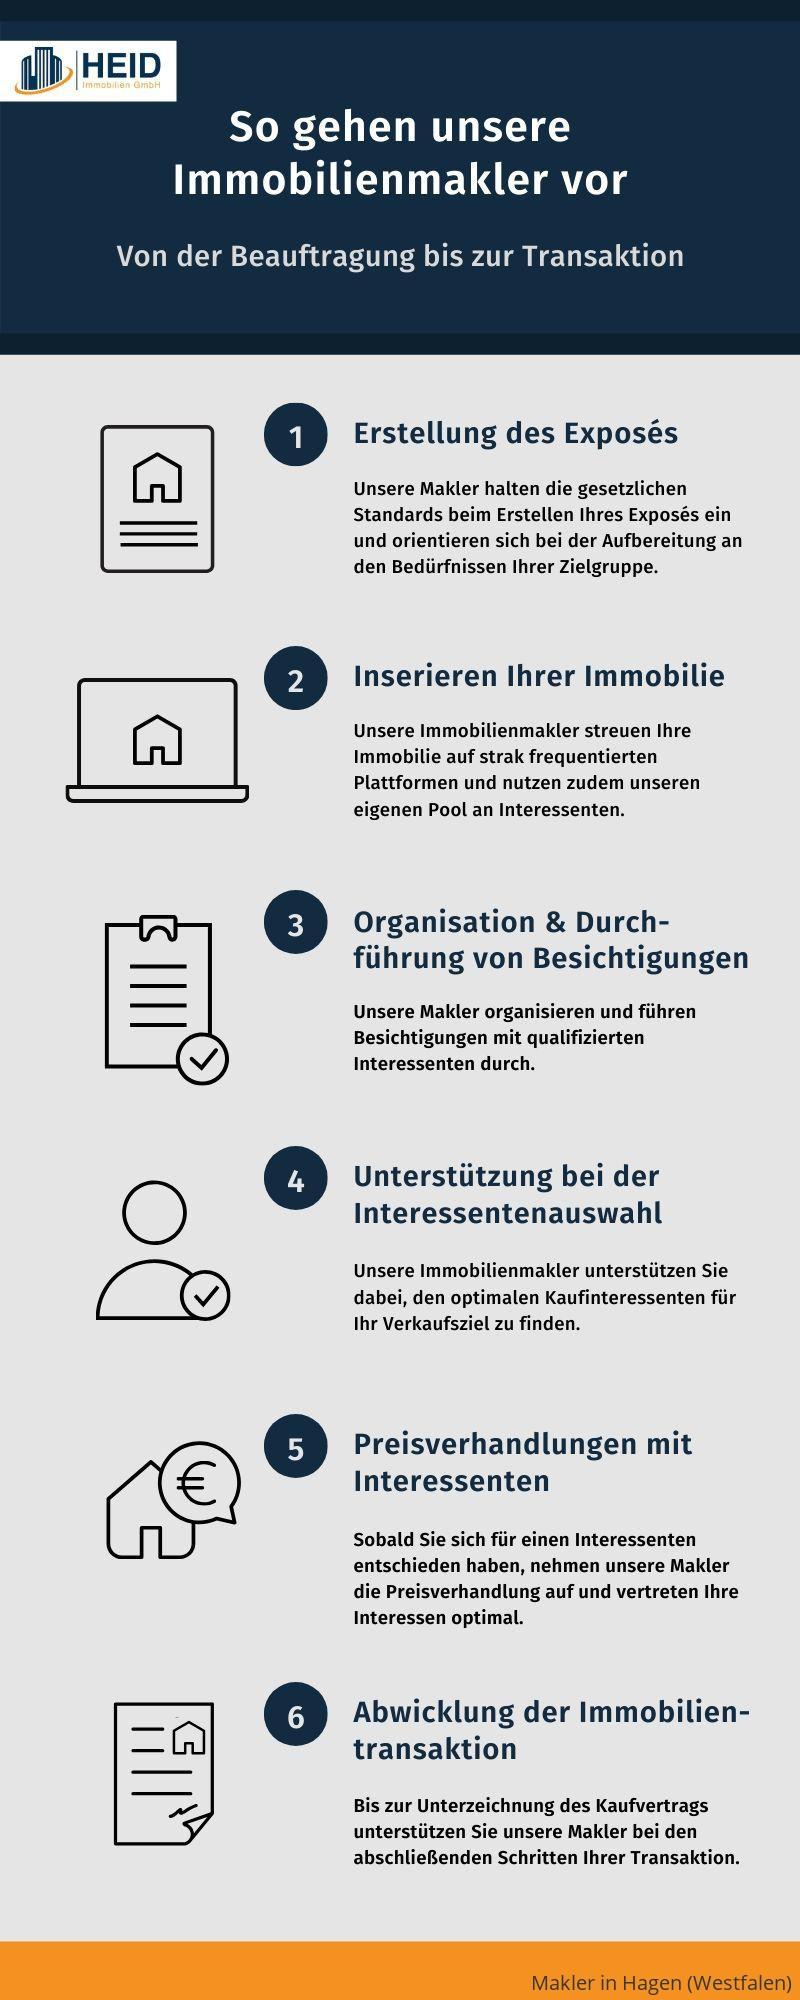 Ablauf einer Maklerbeauftragung in Hagen (Westfalen)